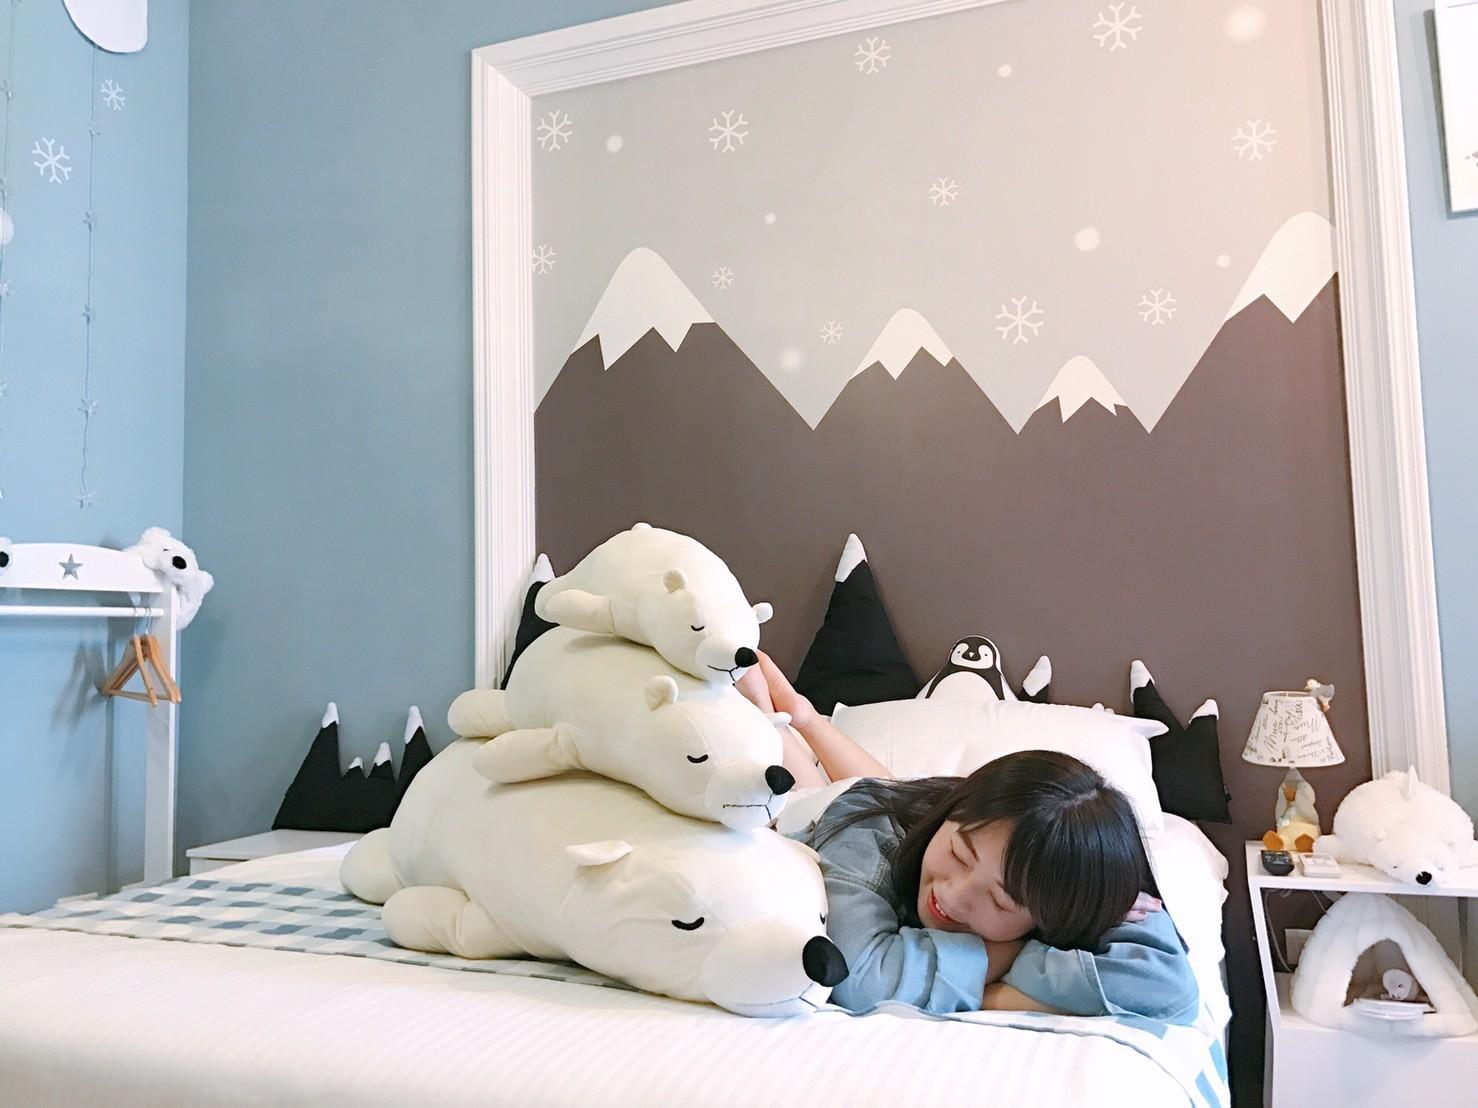 ▲花蓮鮭魚歸魚民宿有「北極熊」陪睡整夜。(圖/記者賴文萱攝)